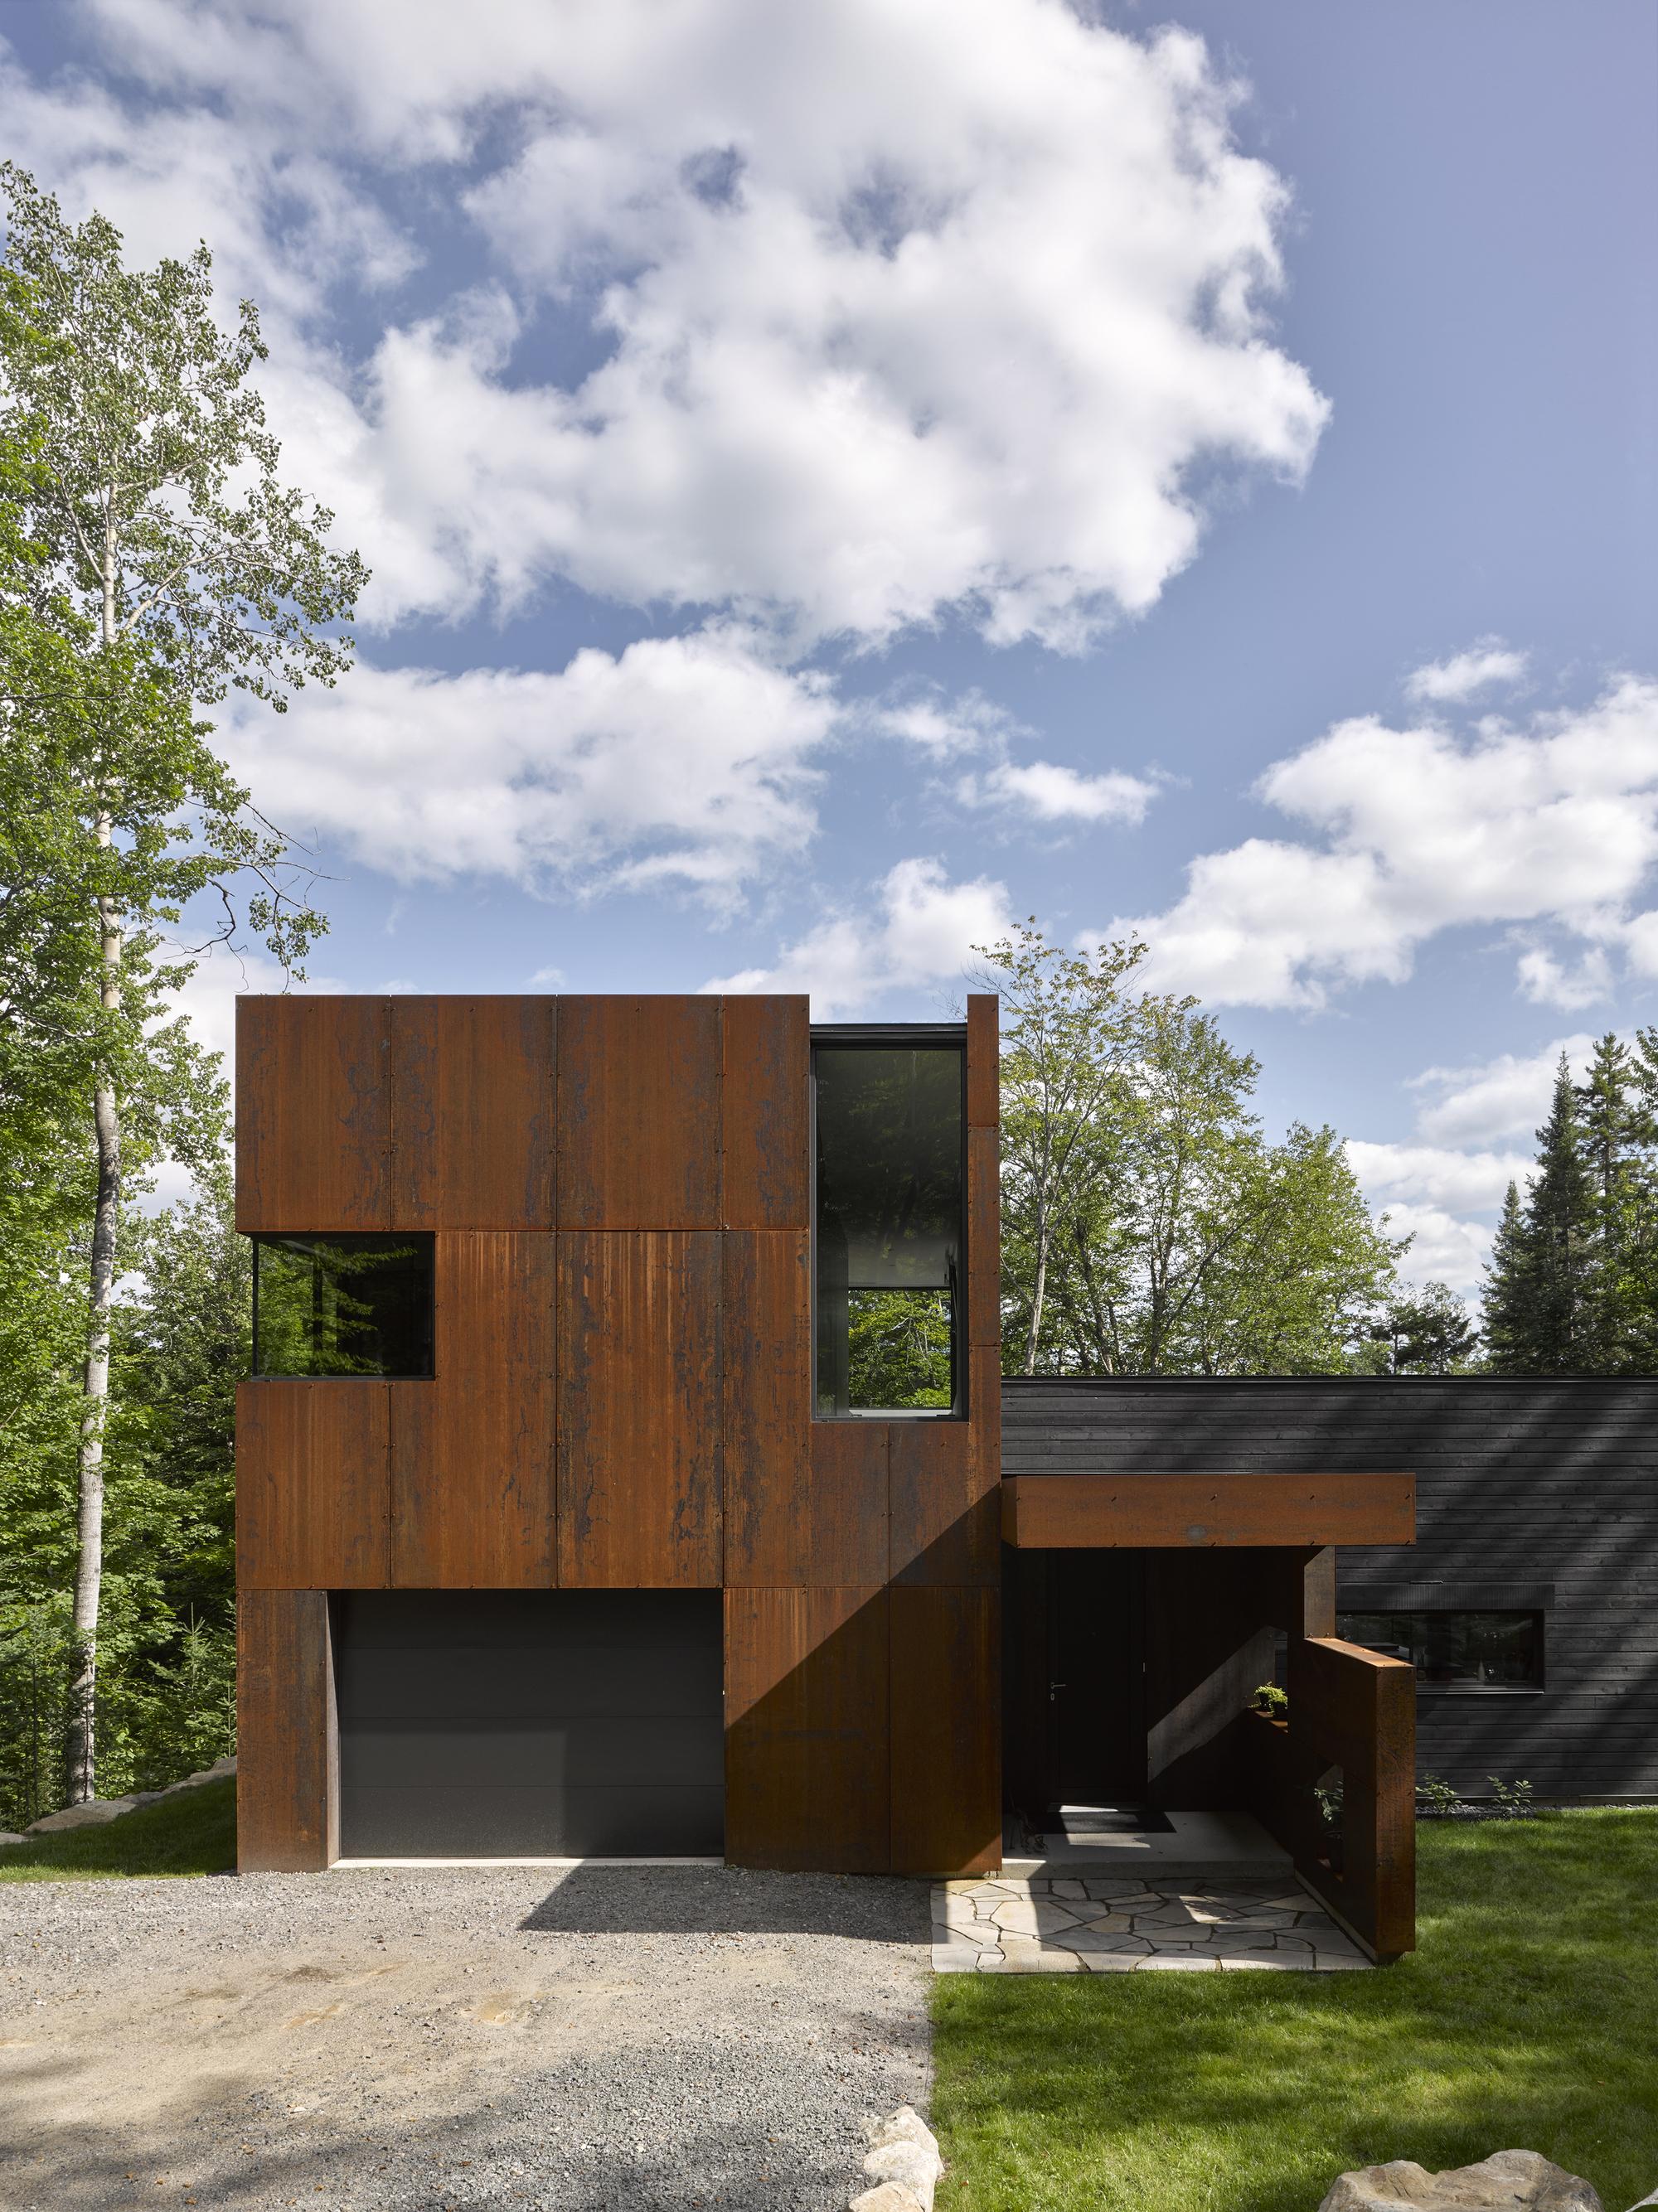 Casa en Lac Charlebois / Paul Bernier Architecte